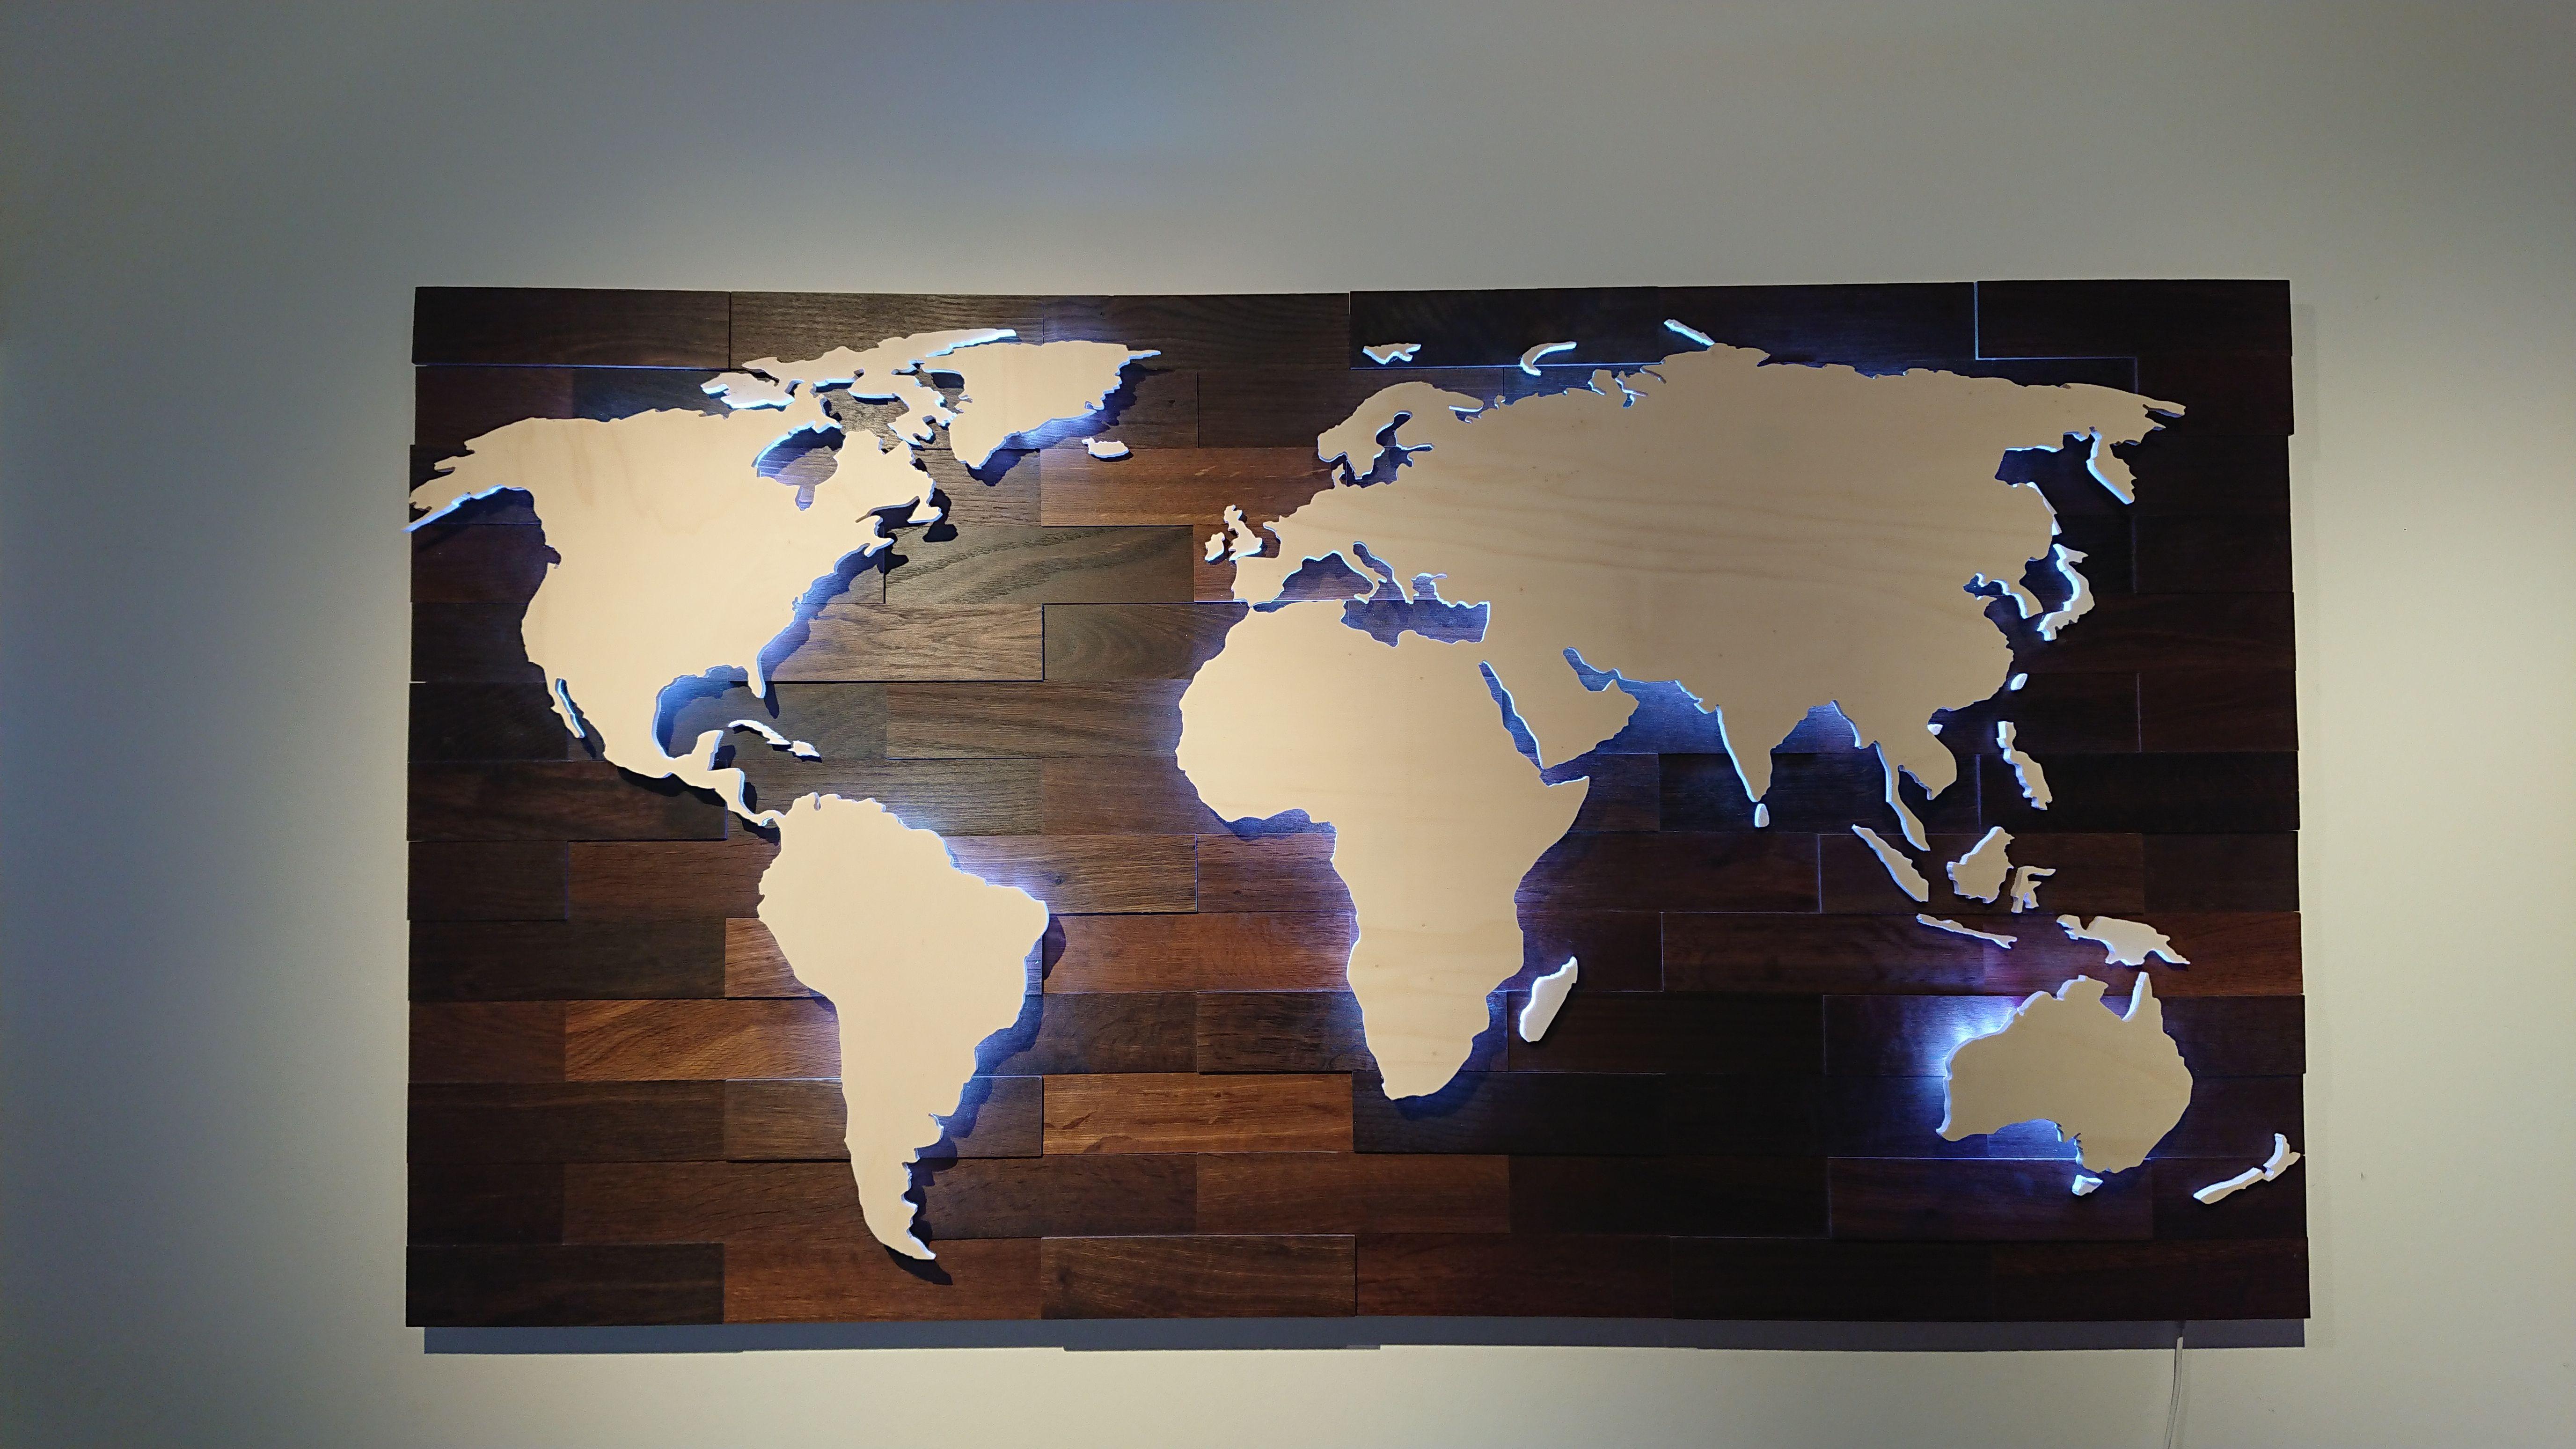 3d Weltkarte Aus Holz Mit Led Beleuchtung Die Karte Ist Wifi Fahig Und Lasst Sich Mit Einen Smartphone Steuern D Weltkarte Aus Holz Led Beleuchtung Weltkarte